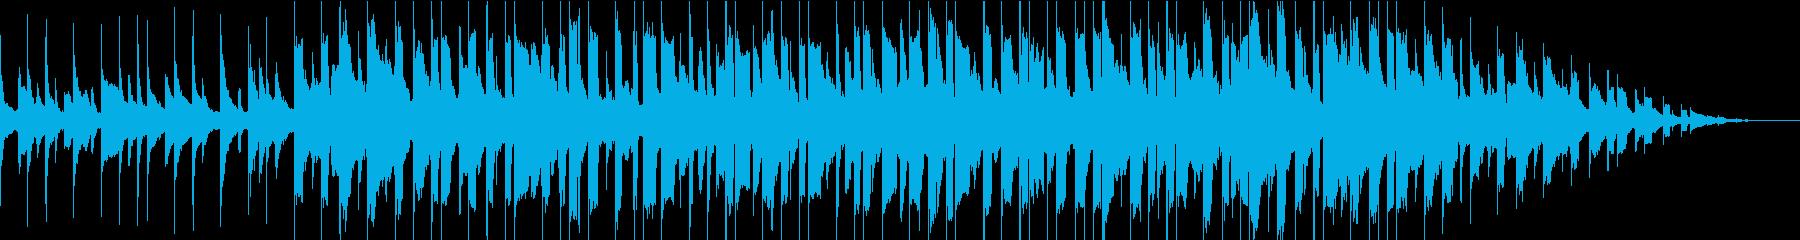 企業VPや映像にわくわく・ハッピーBGMの再生済みの波形